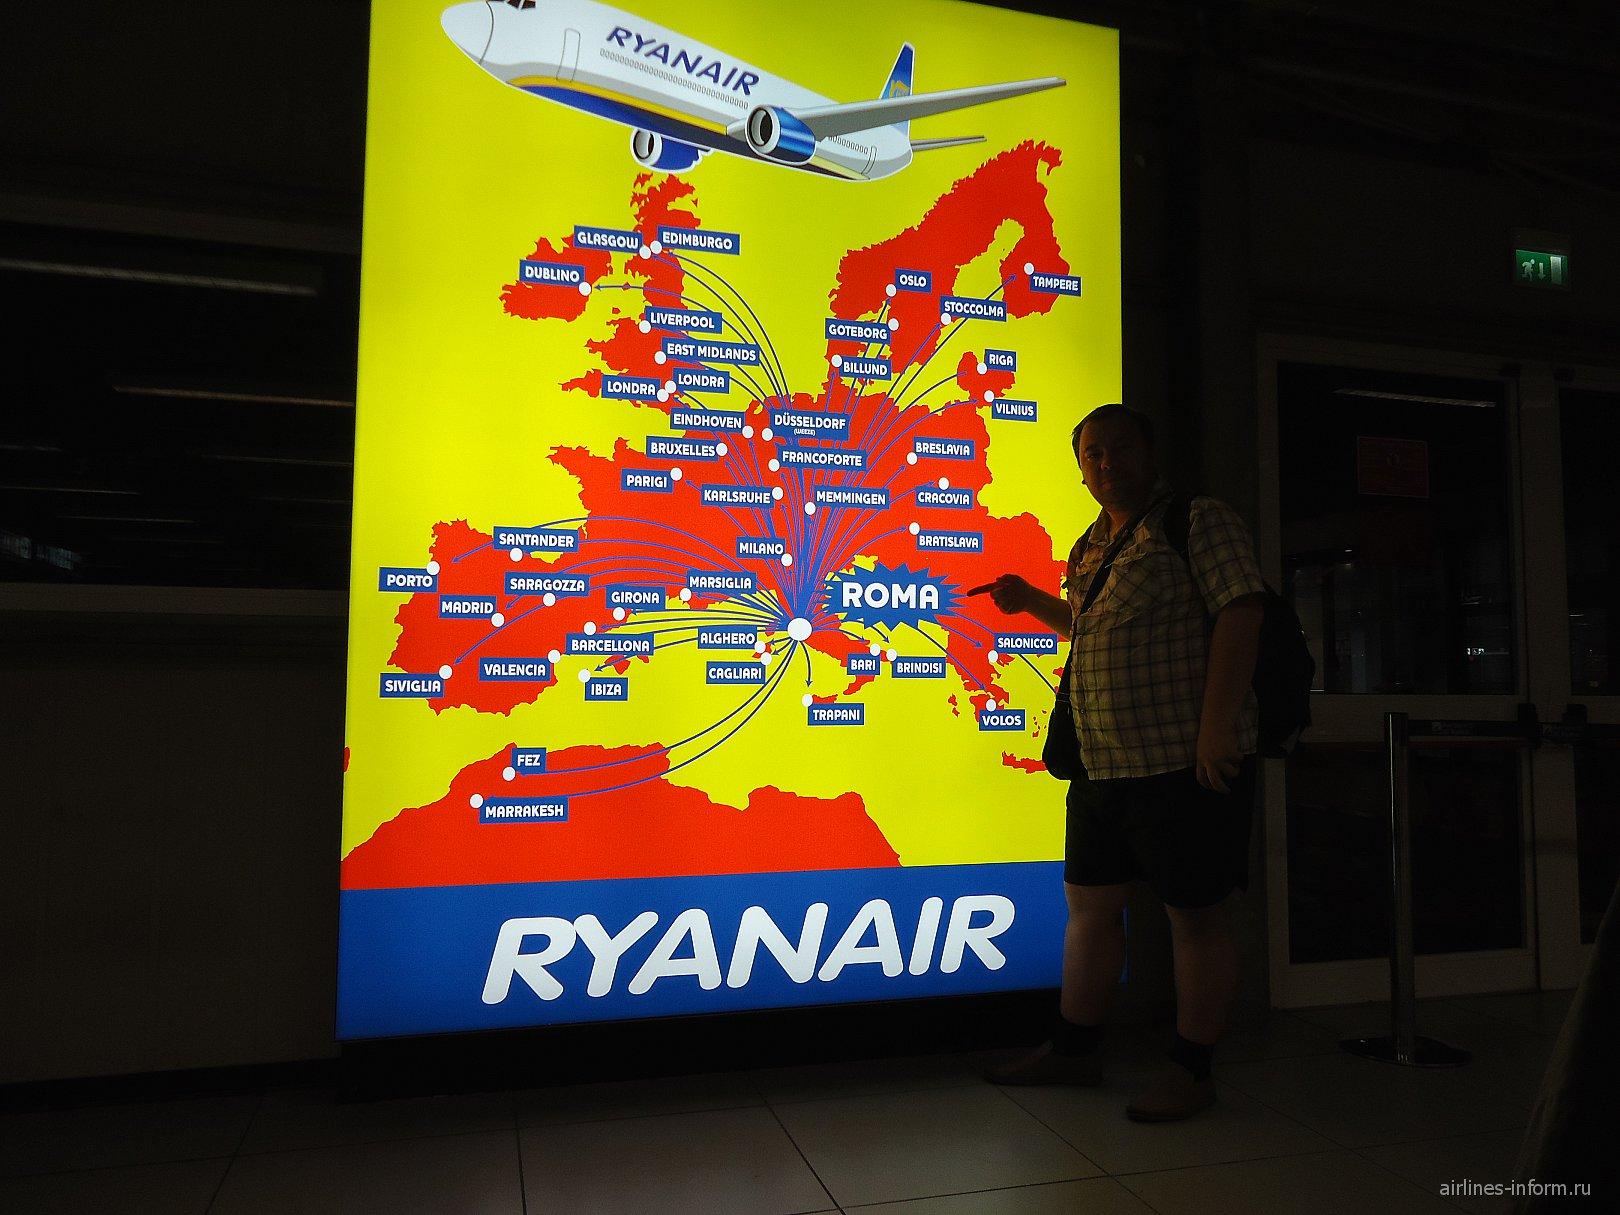 Маршрутная сеть авиакомпании Ryanair из Рима